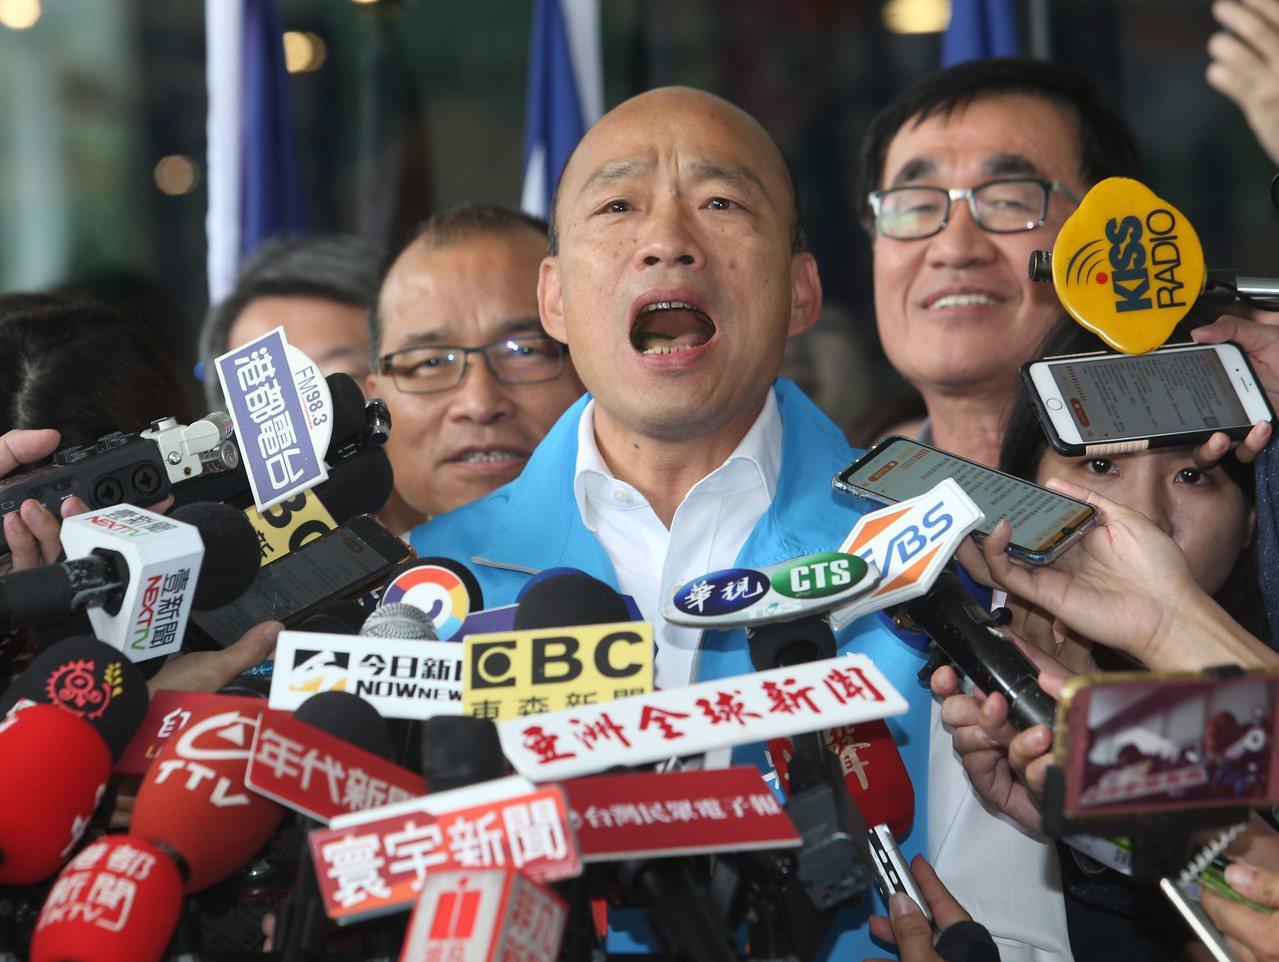 高雄市長韓國瑜上午宣布請假參選總統。記者劉學聖/攝影